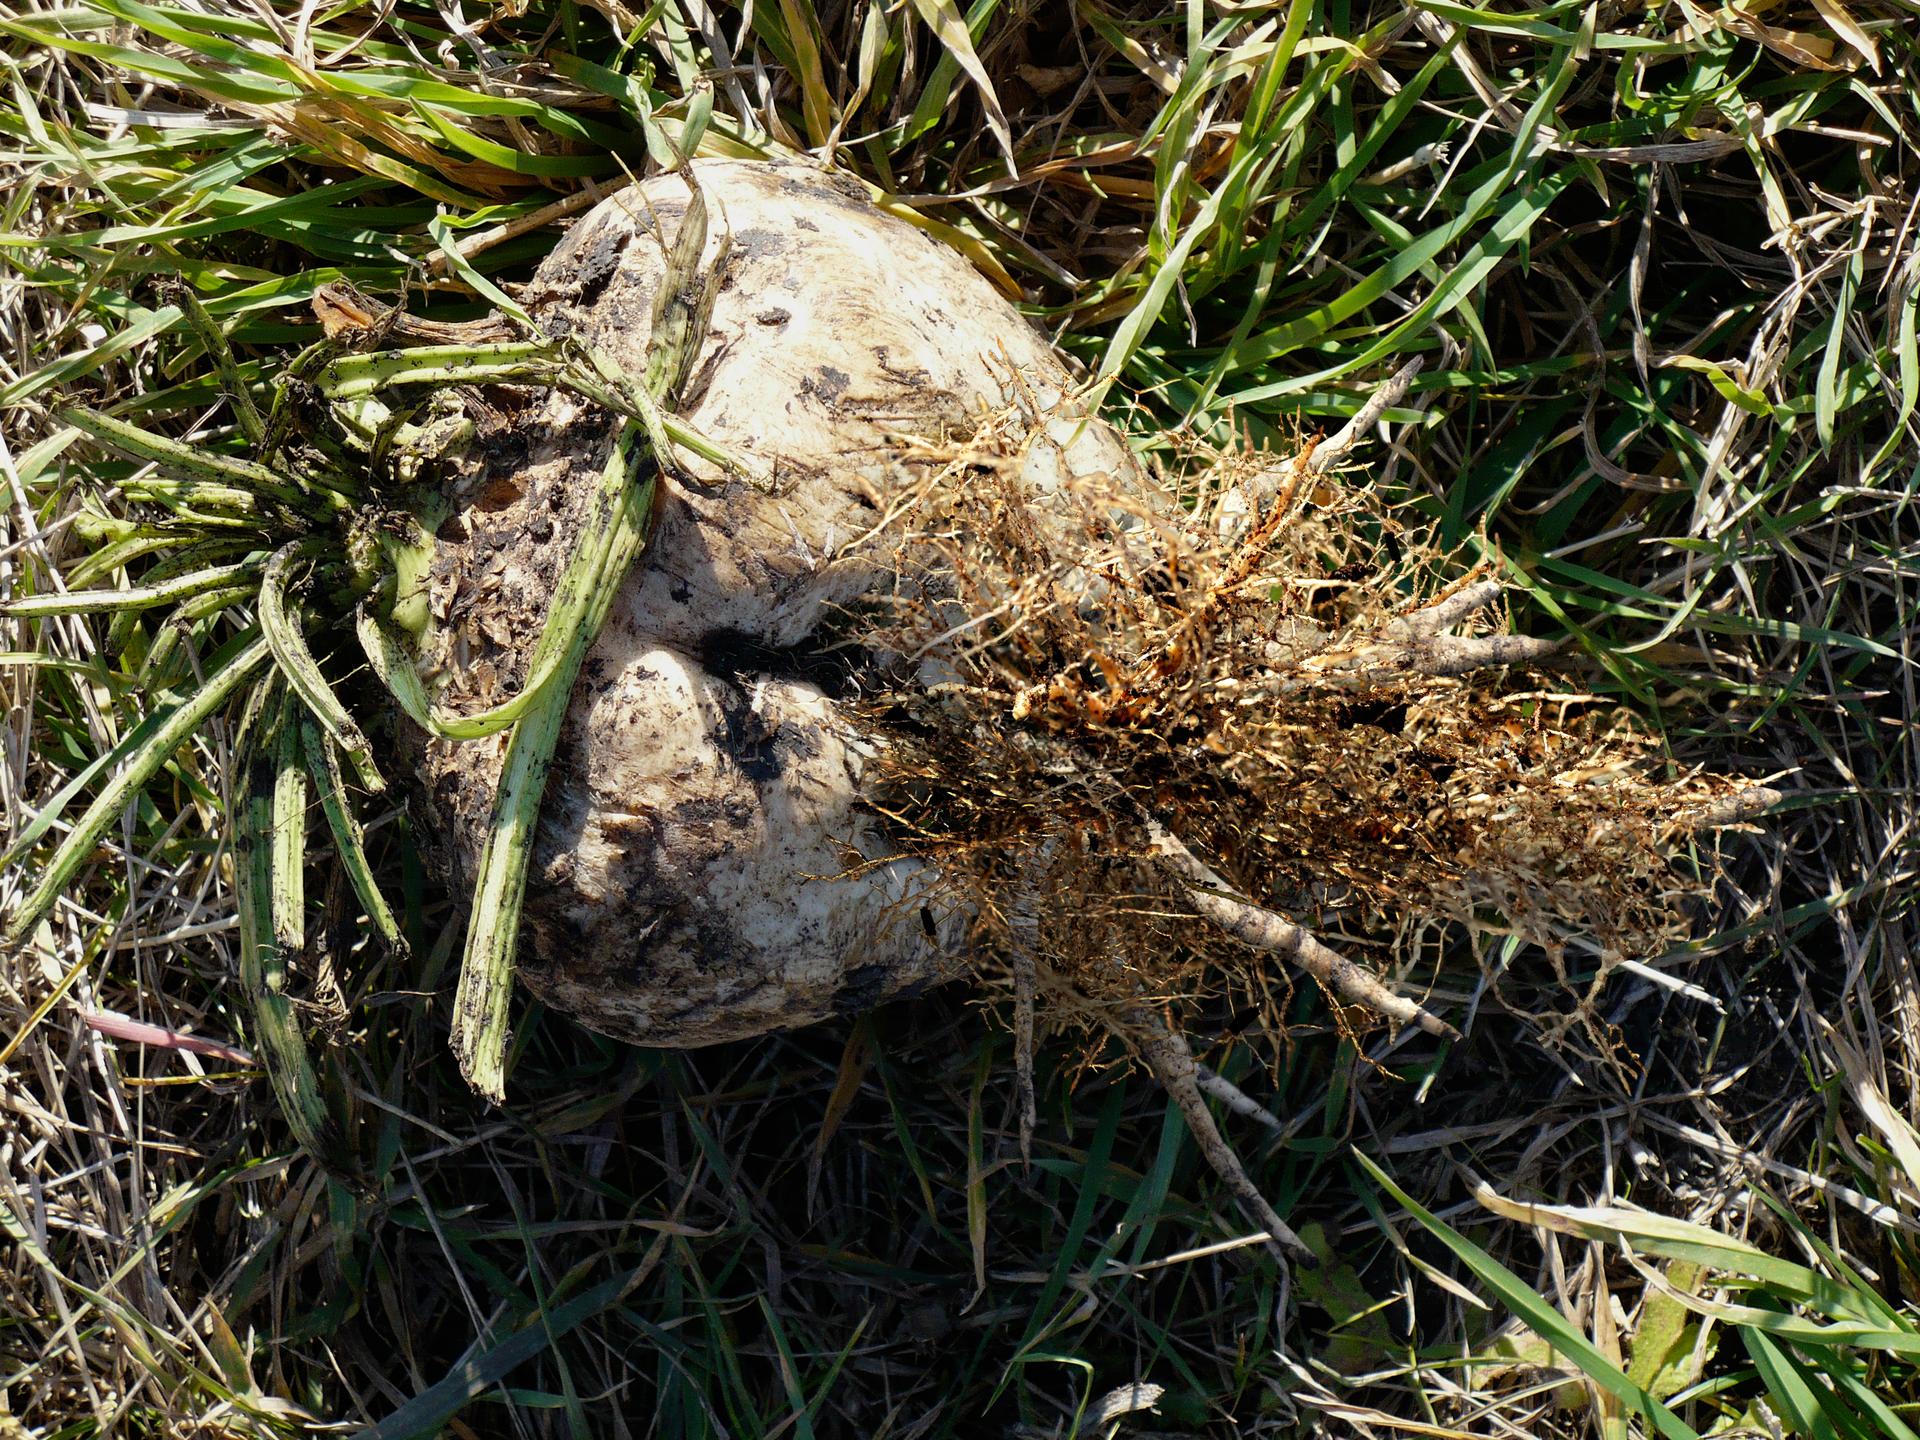 Fotografia przedstawia buraka cukrowego, leżącego na trawie. Ma sercowaty kształt iszaro – brunatną barwę. Udołu buraka wyrasta gęsta kępa korzeni przybyszowych. To oznaka, że zaatakował go mątwik buraczany.